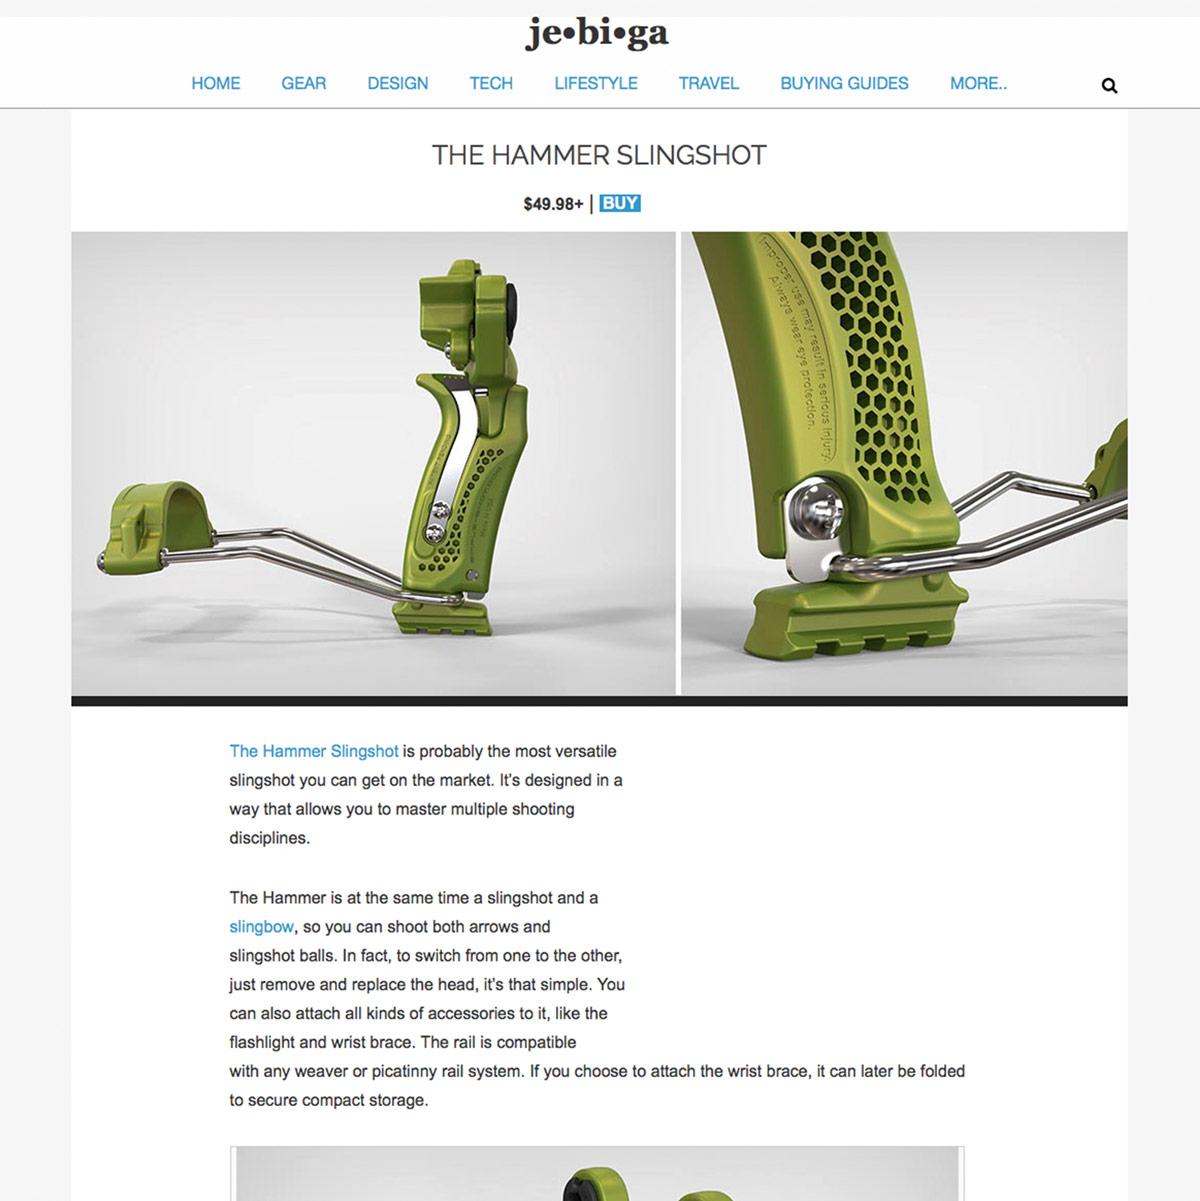 Jebiga Hammer Slingshot / Slingbow Review